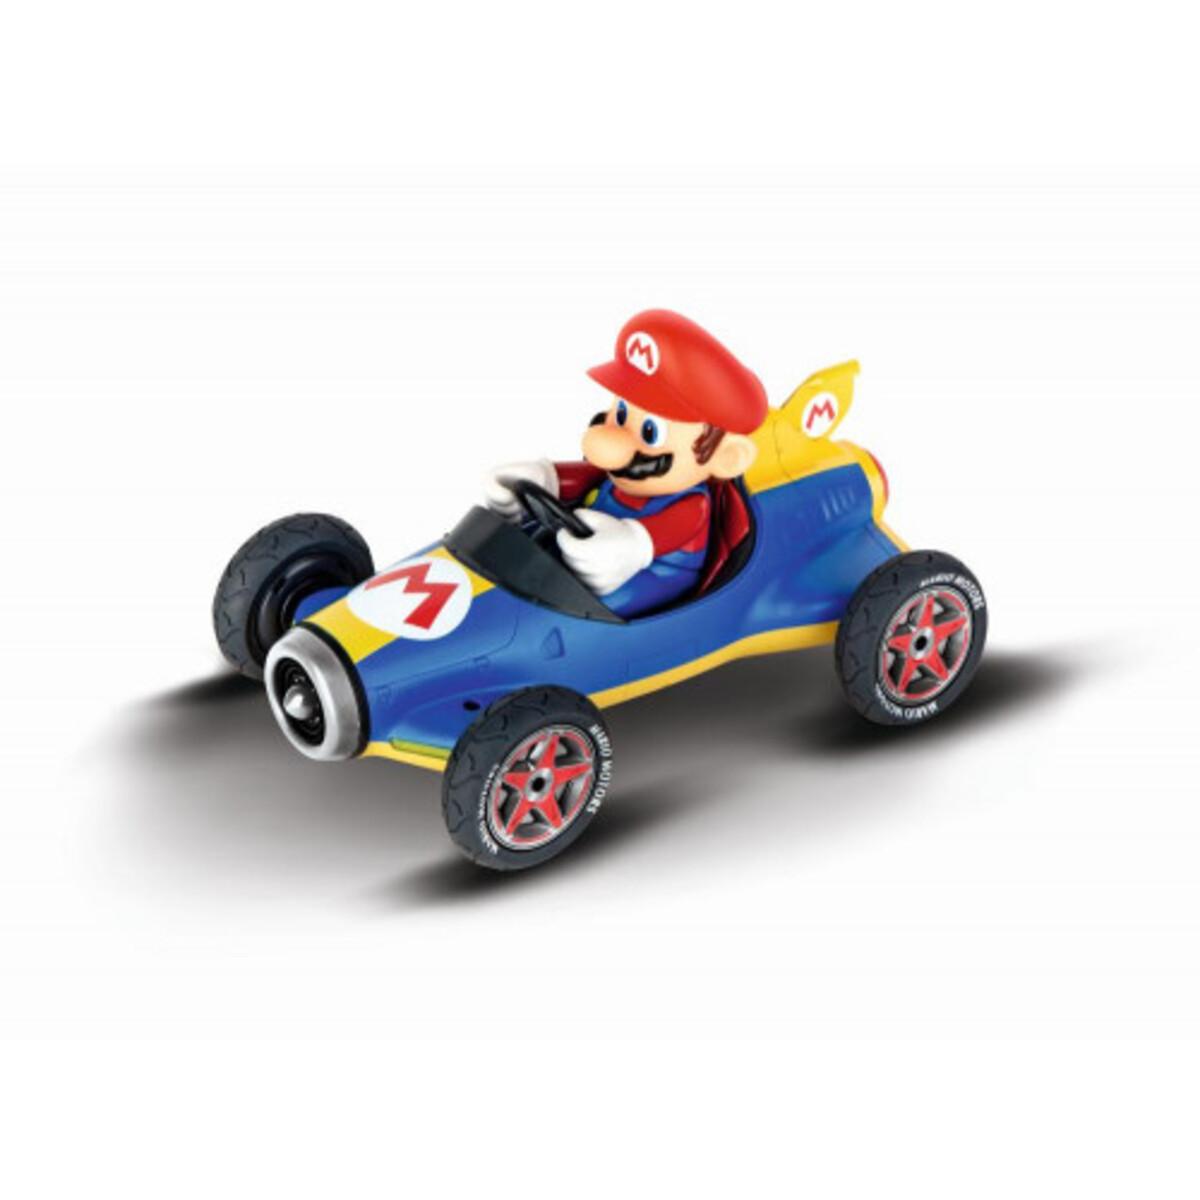 Bild 3 von Carrera RC Mario Kart M8 Mario